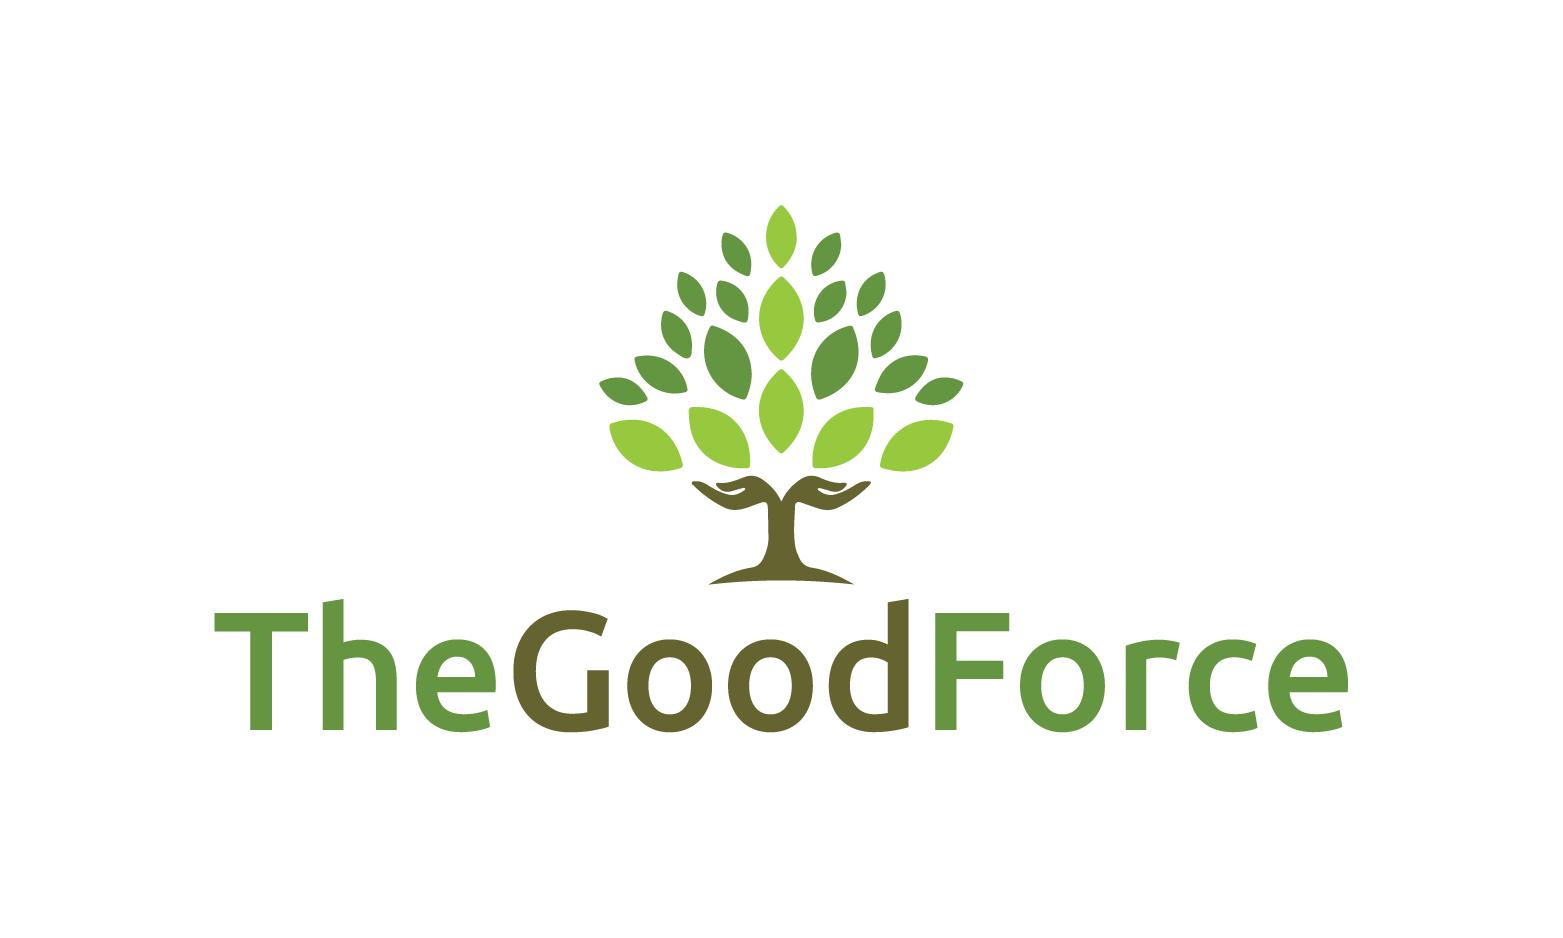 TheGoodForce.com